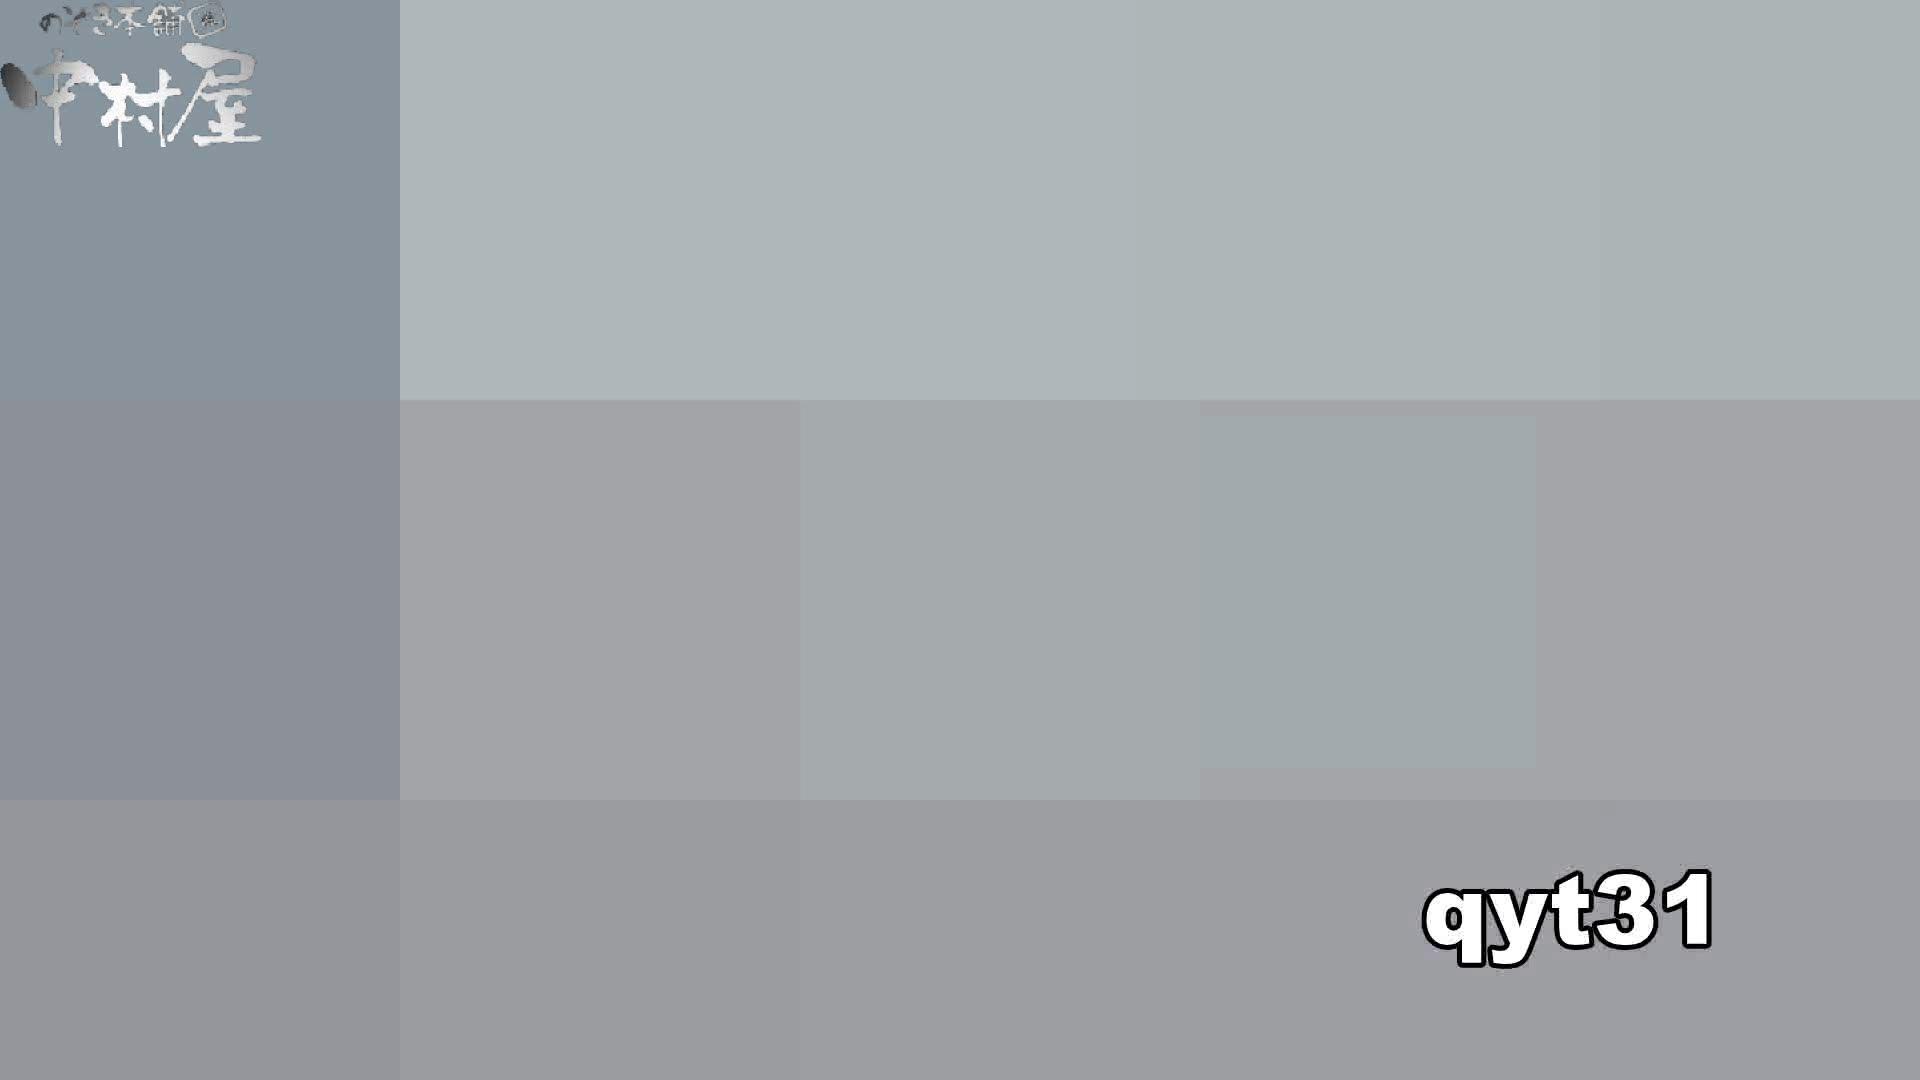 【お銀さんの「洗面所突入レポート!!」】お銀さんの「洗面所突入レポート!!」 vol.31 Σ(||゚Д゚)ヒィ~!! 洗面所 | 綺麗なOLたち  71枚 71